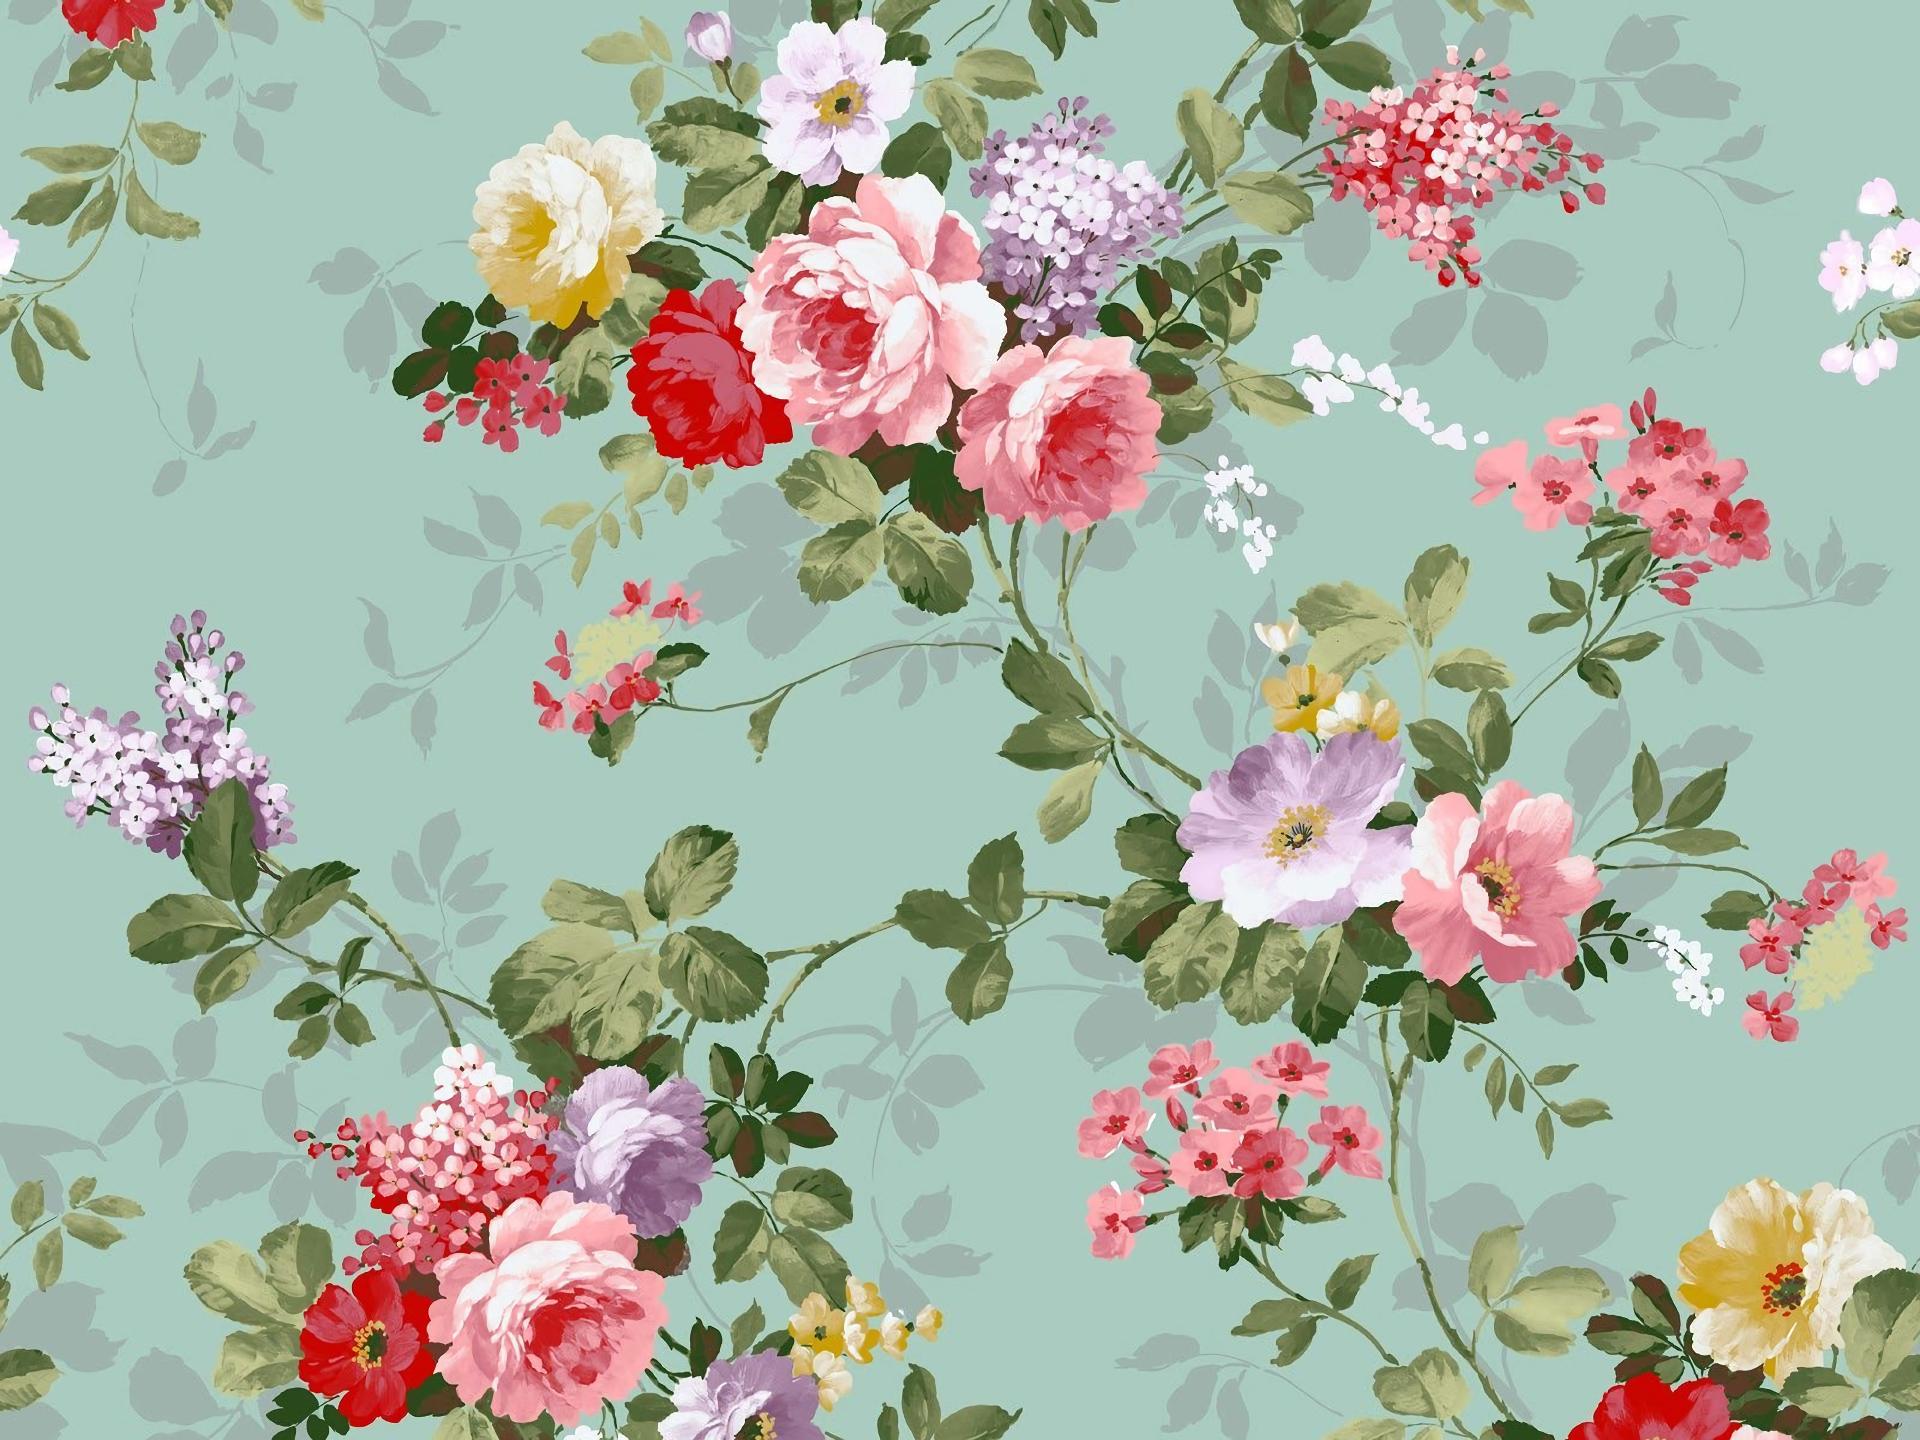 Vintage Flower Design Hd Wallpaper Background Image 1920x1440